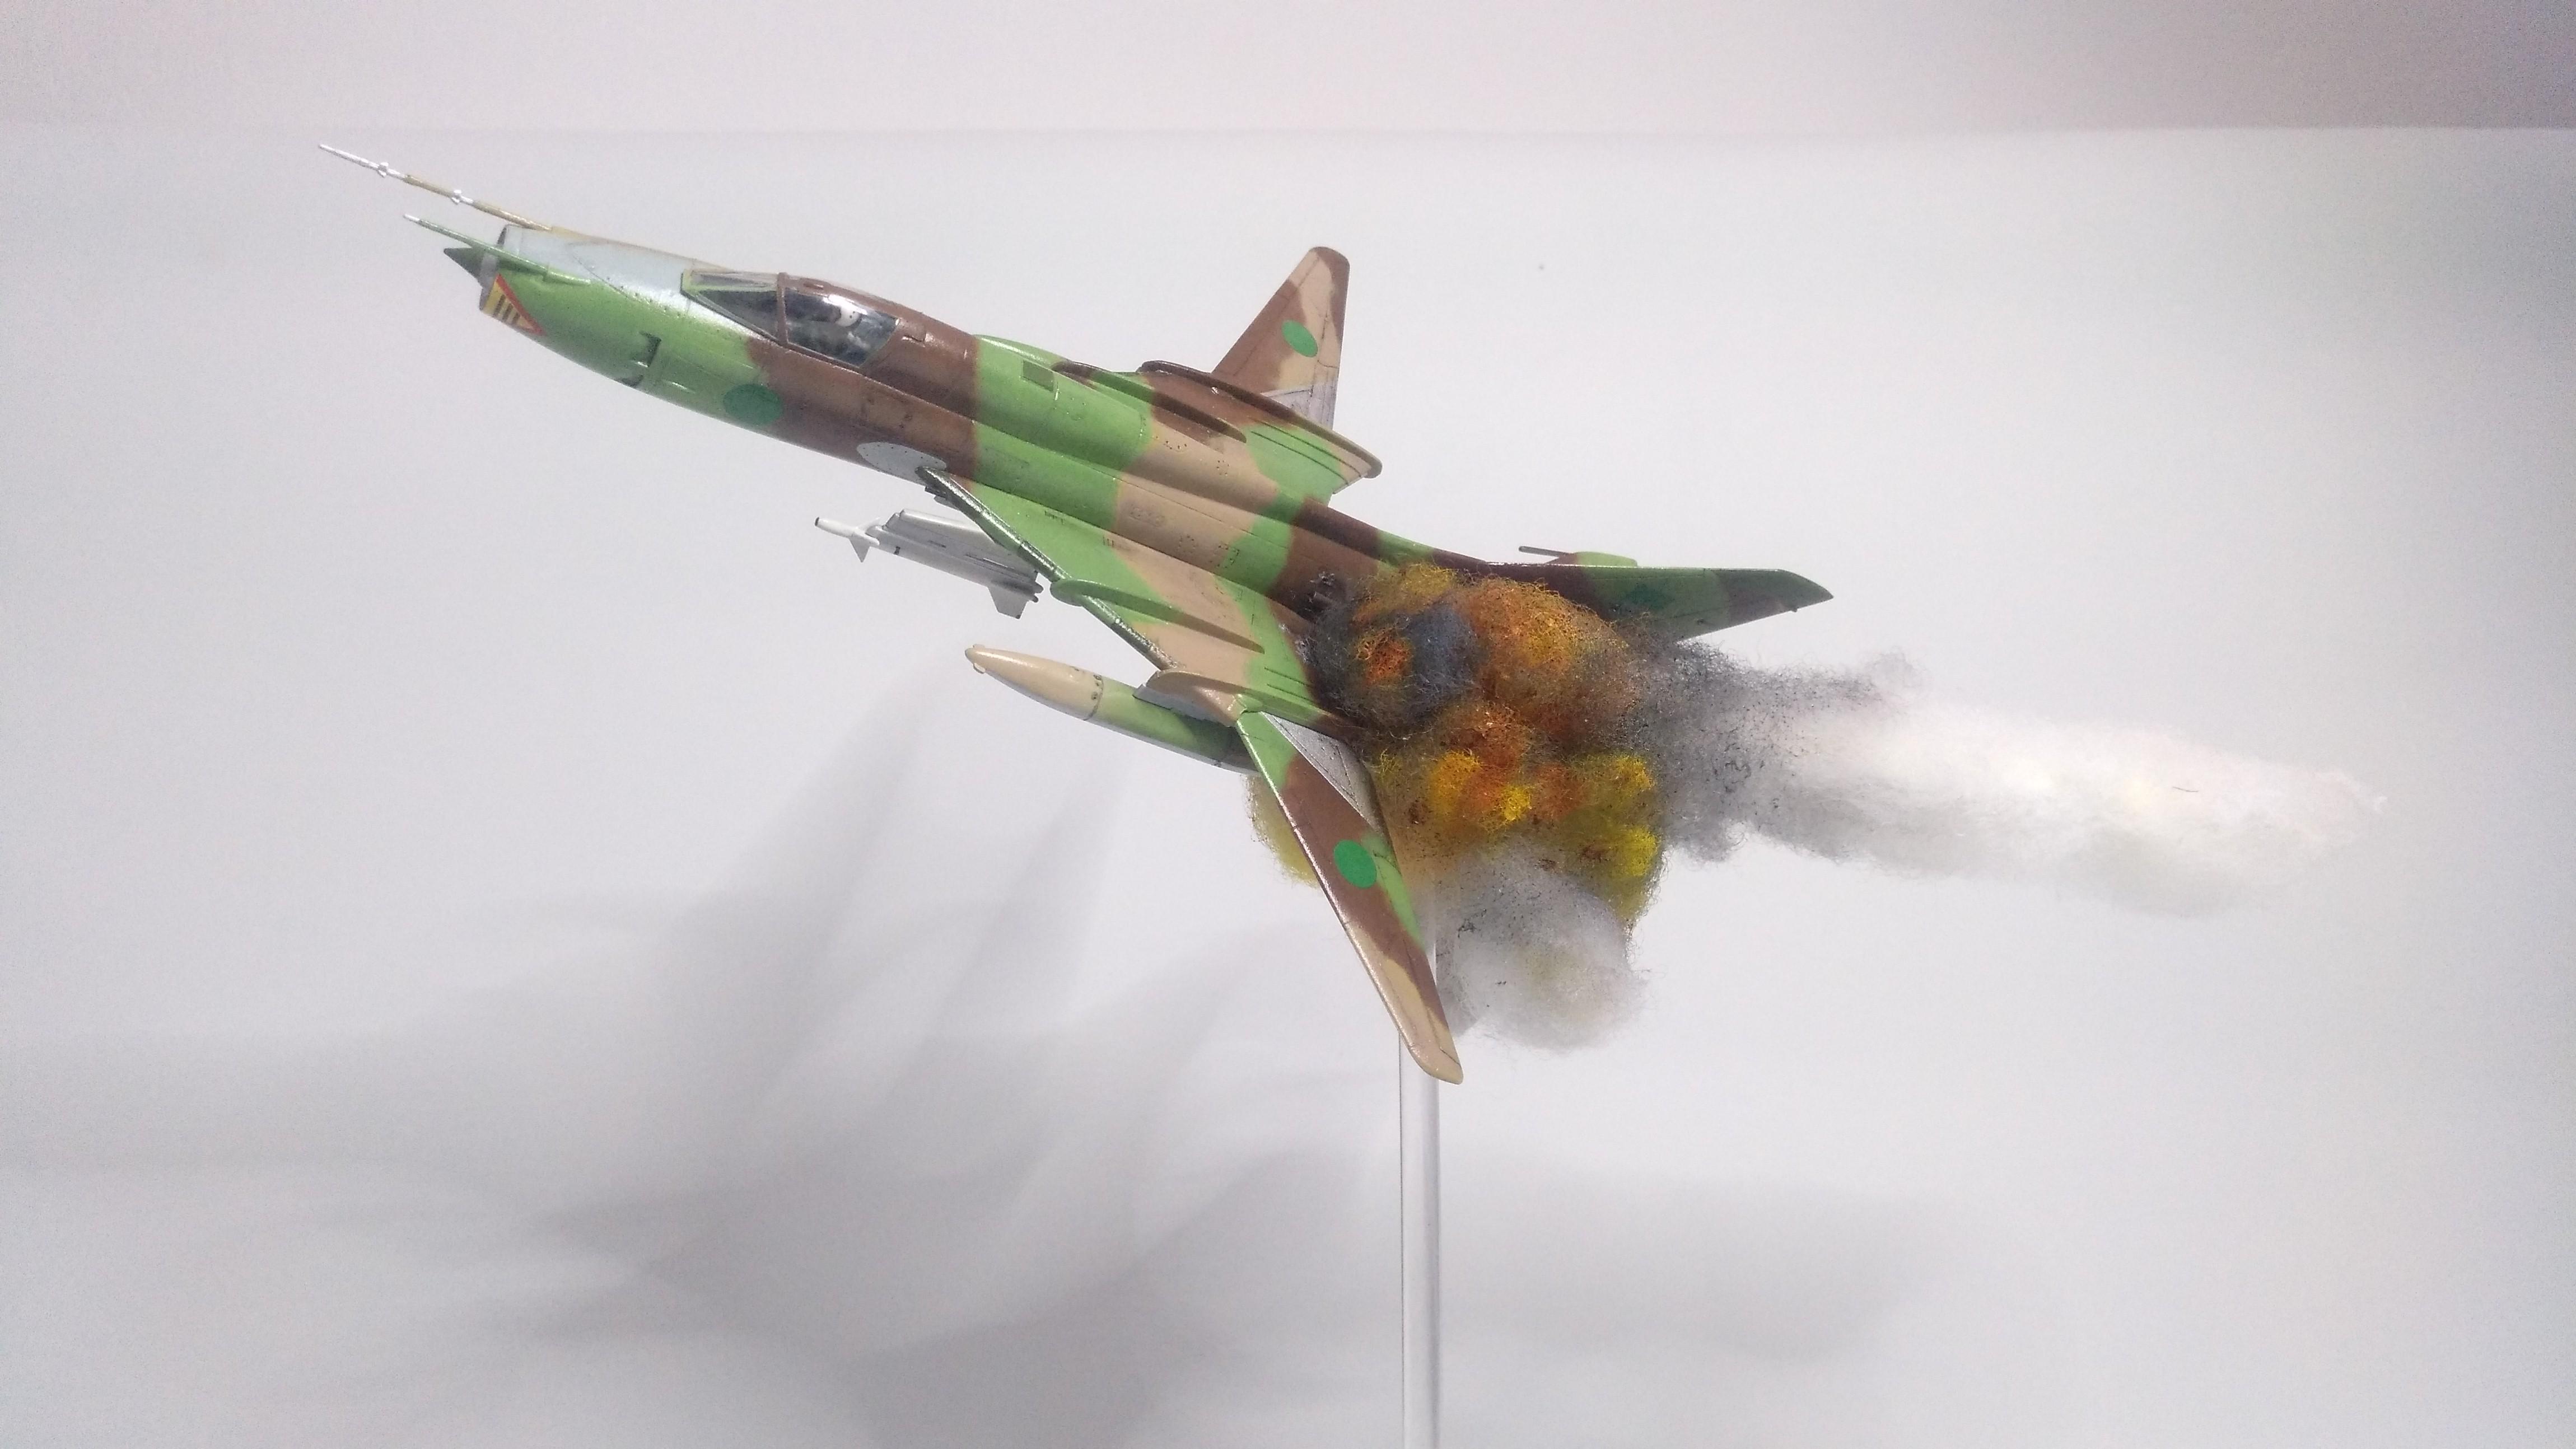 83-F-14-vs-Su-22-59.jpg